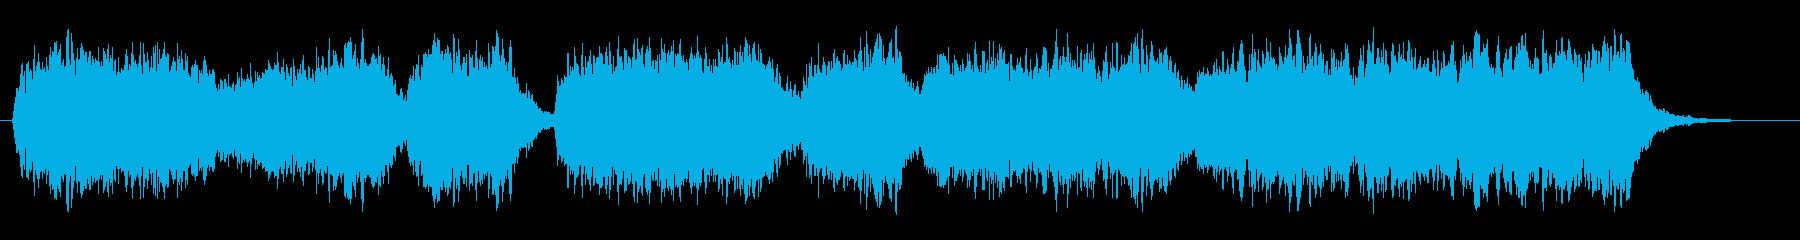 神秘的な聖歌、教会音楽の再生済みの波形